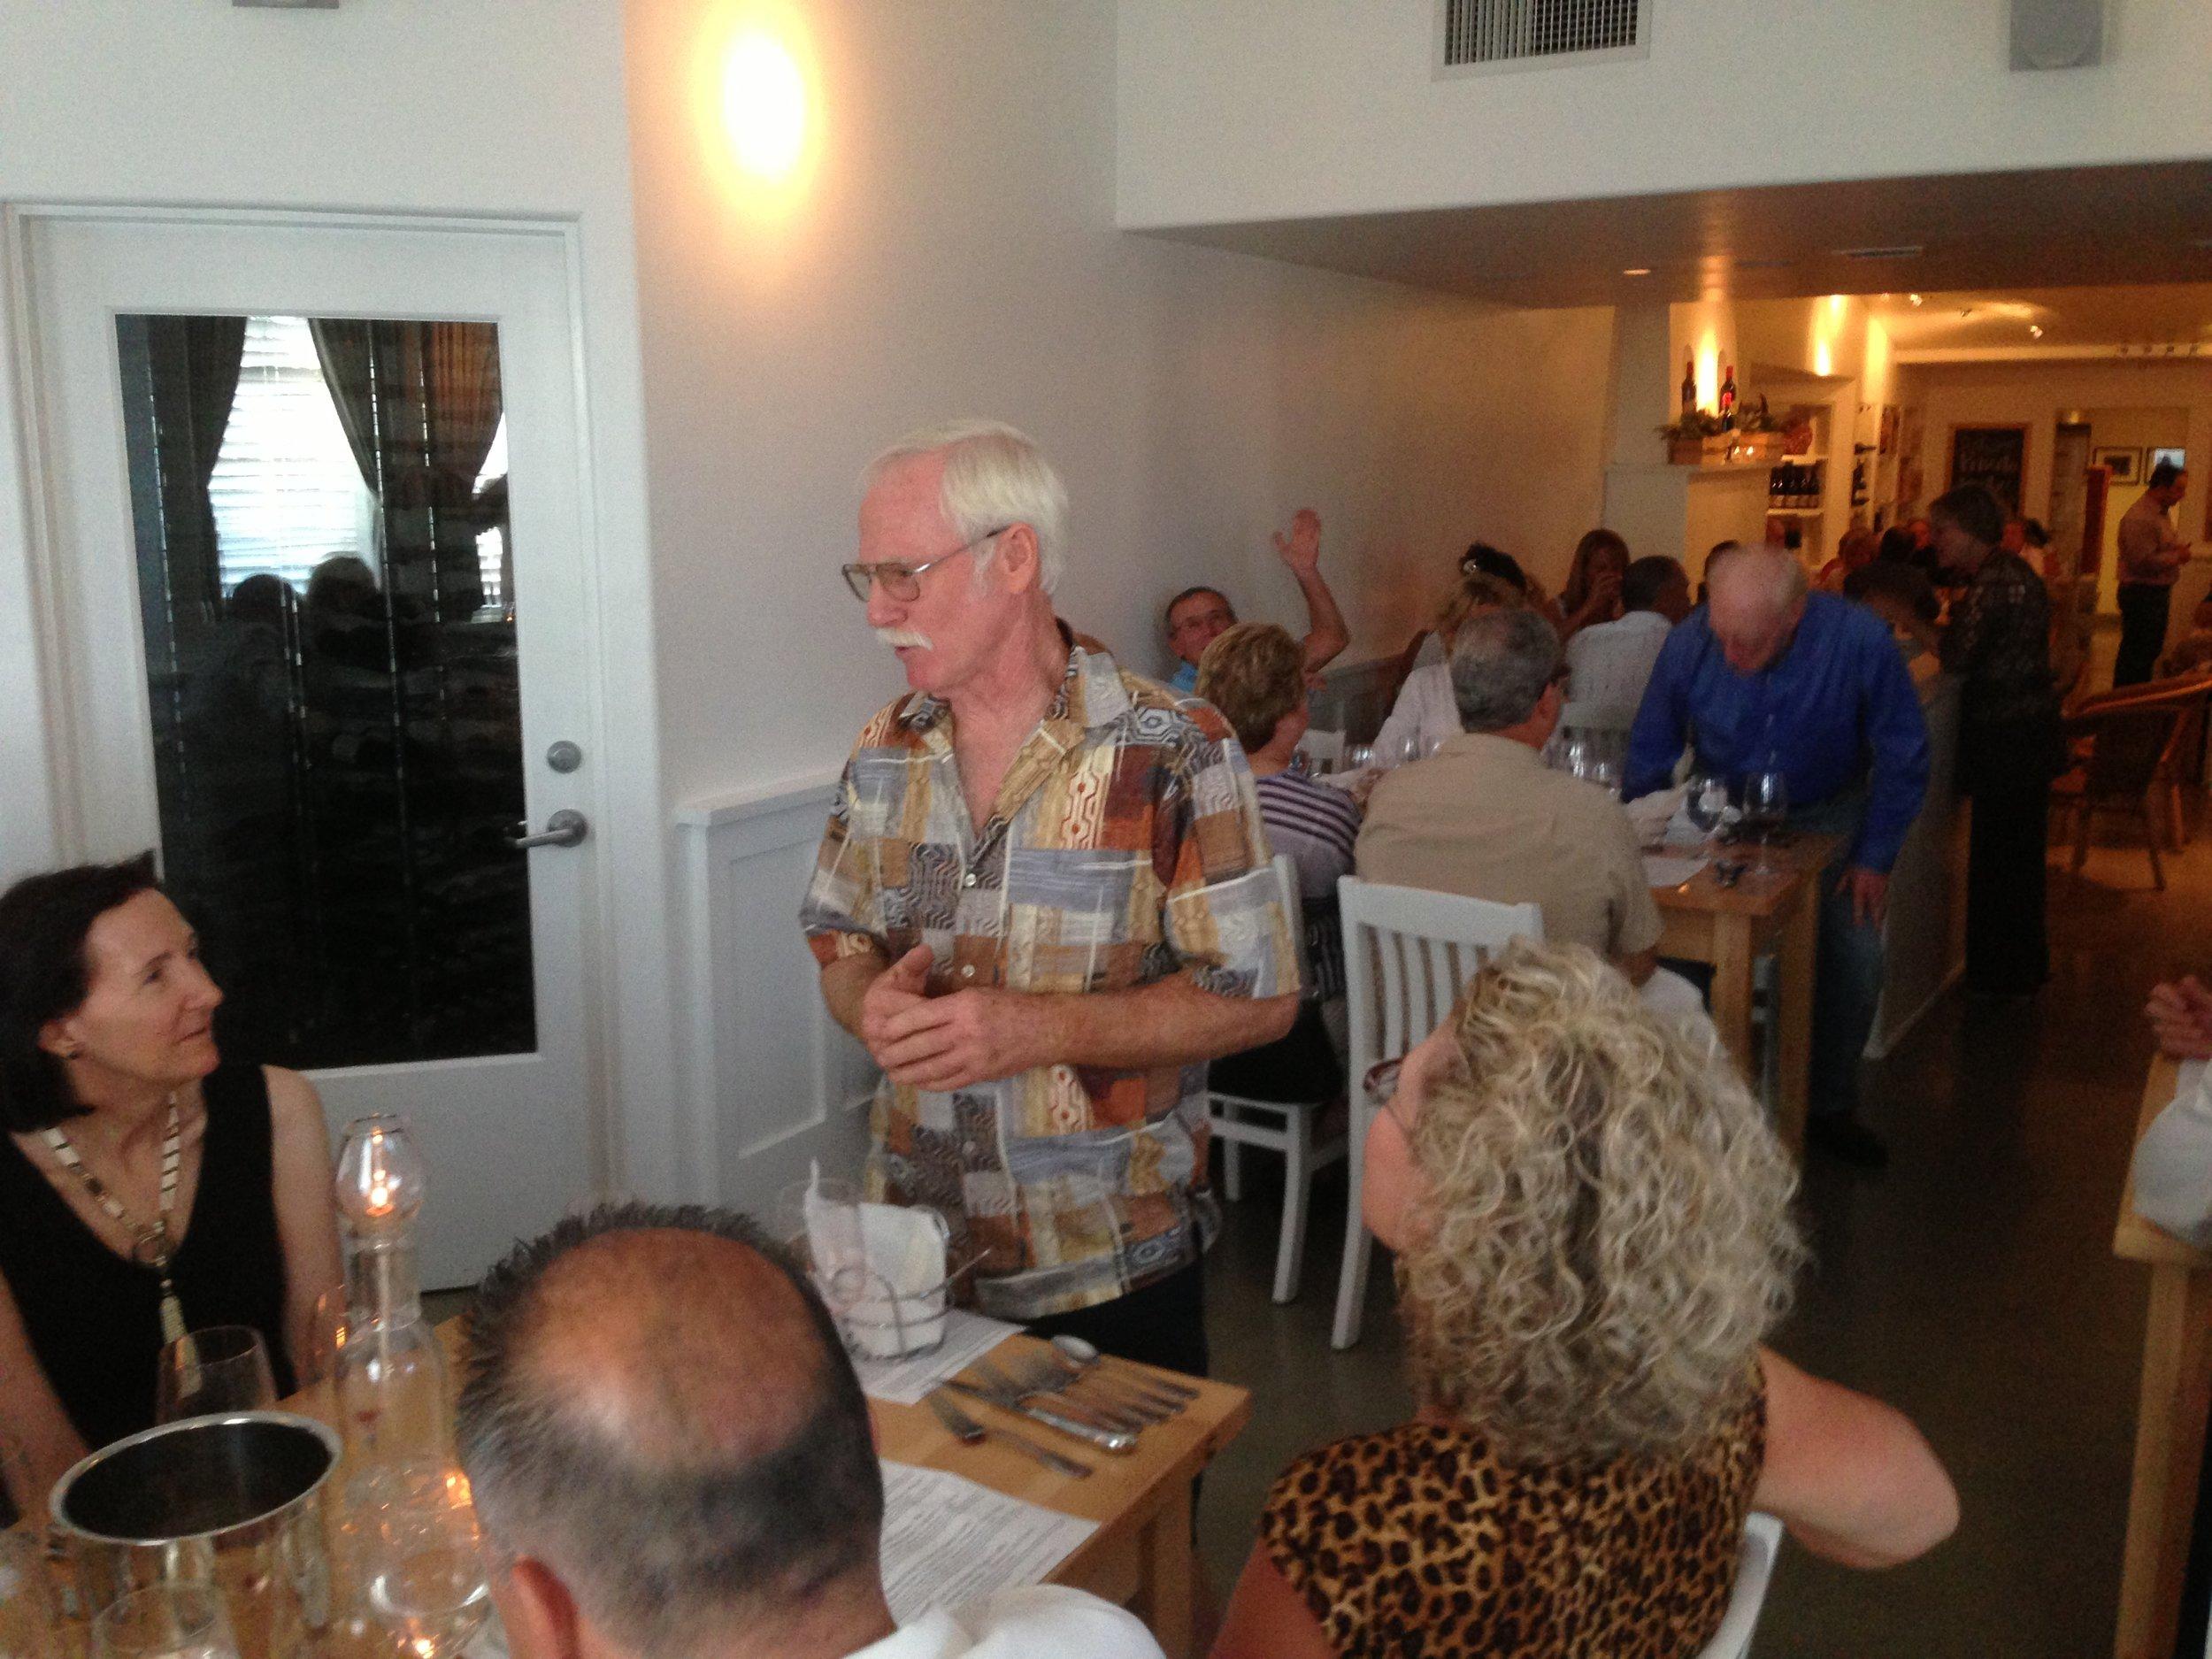 Randy Dunn of Dunn Winery